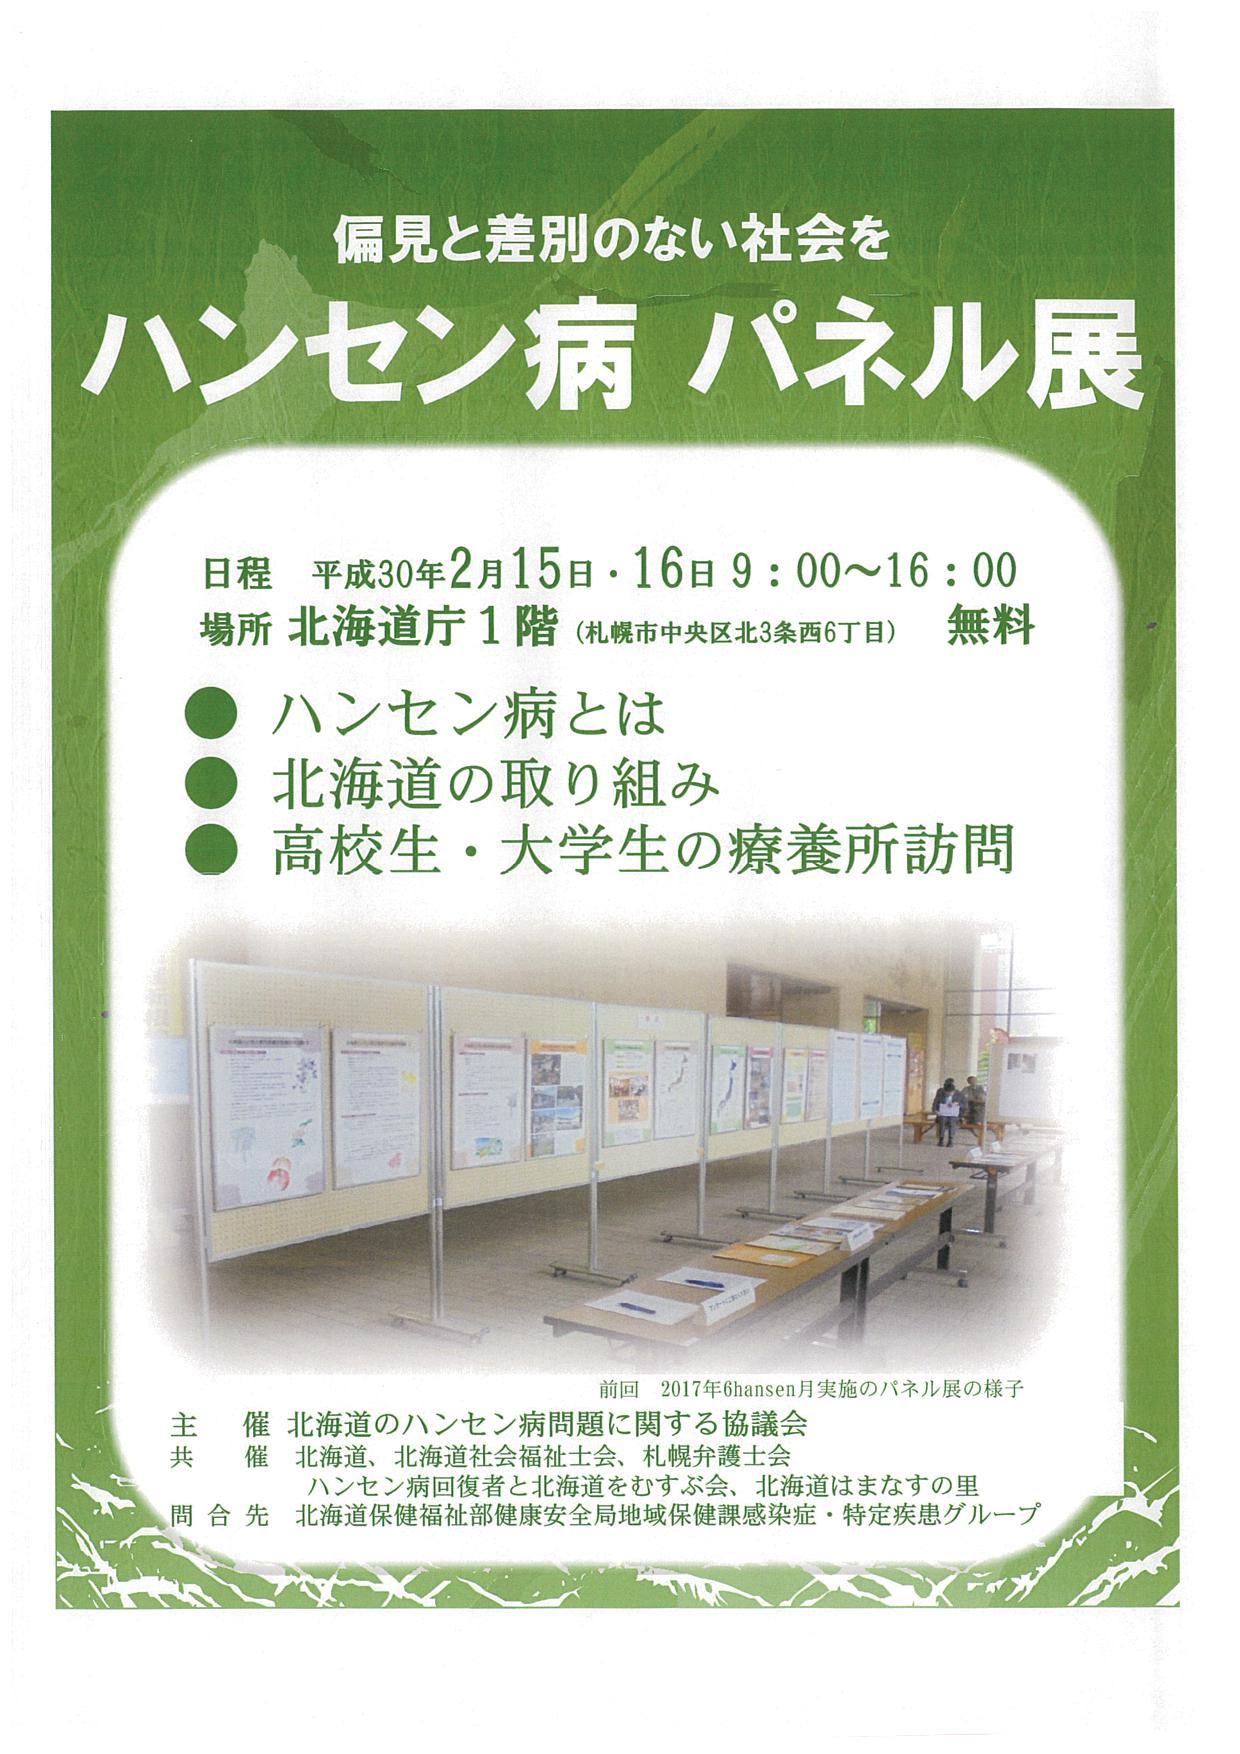 ハンセン札幌弁護士会